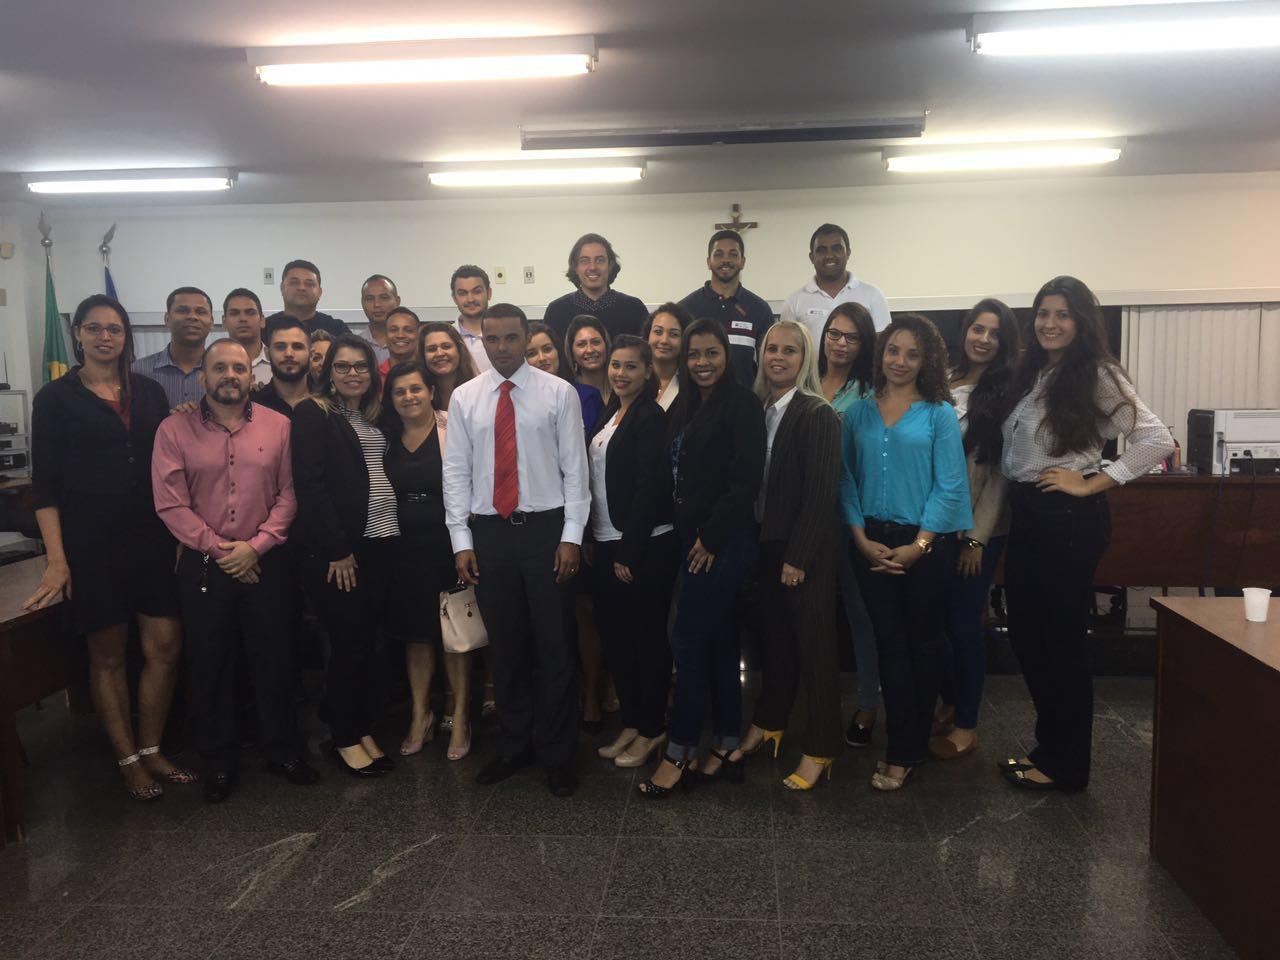 Alunos do Curso de Direito da unidade Serra acompanham julgamento no Plenário do Júri da Comarca do município